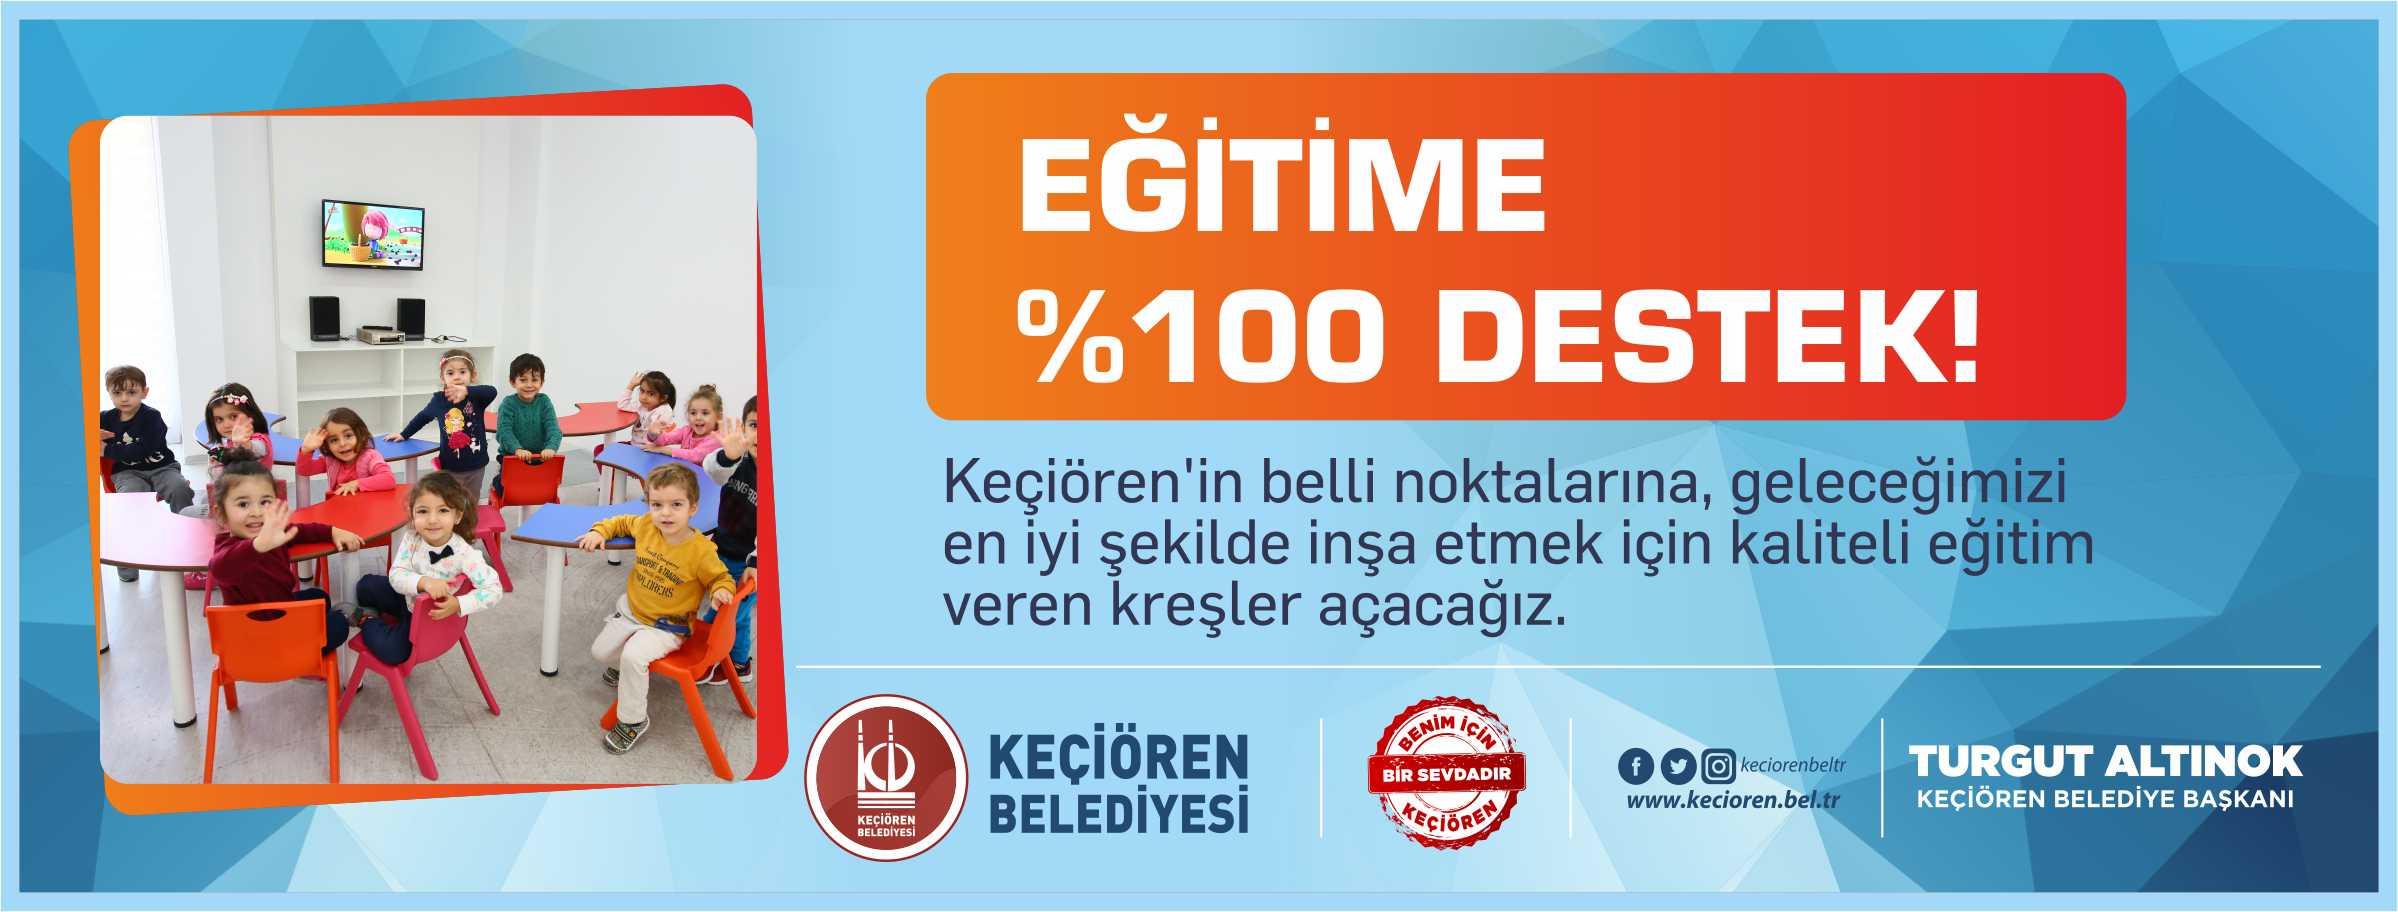 EĞİTİME %100 DESTEK!